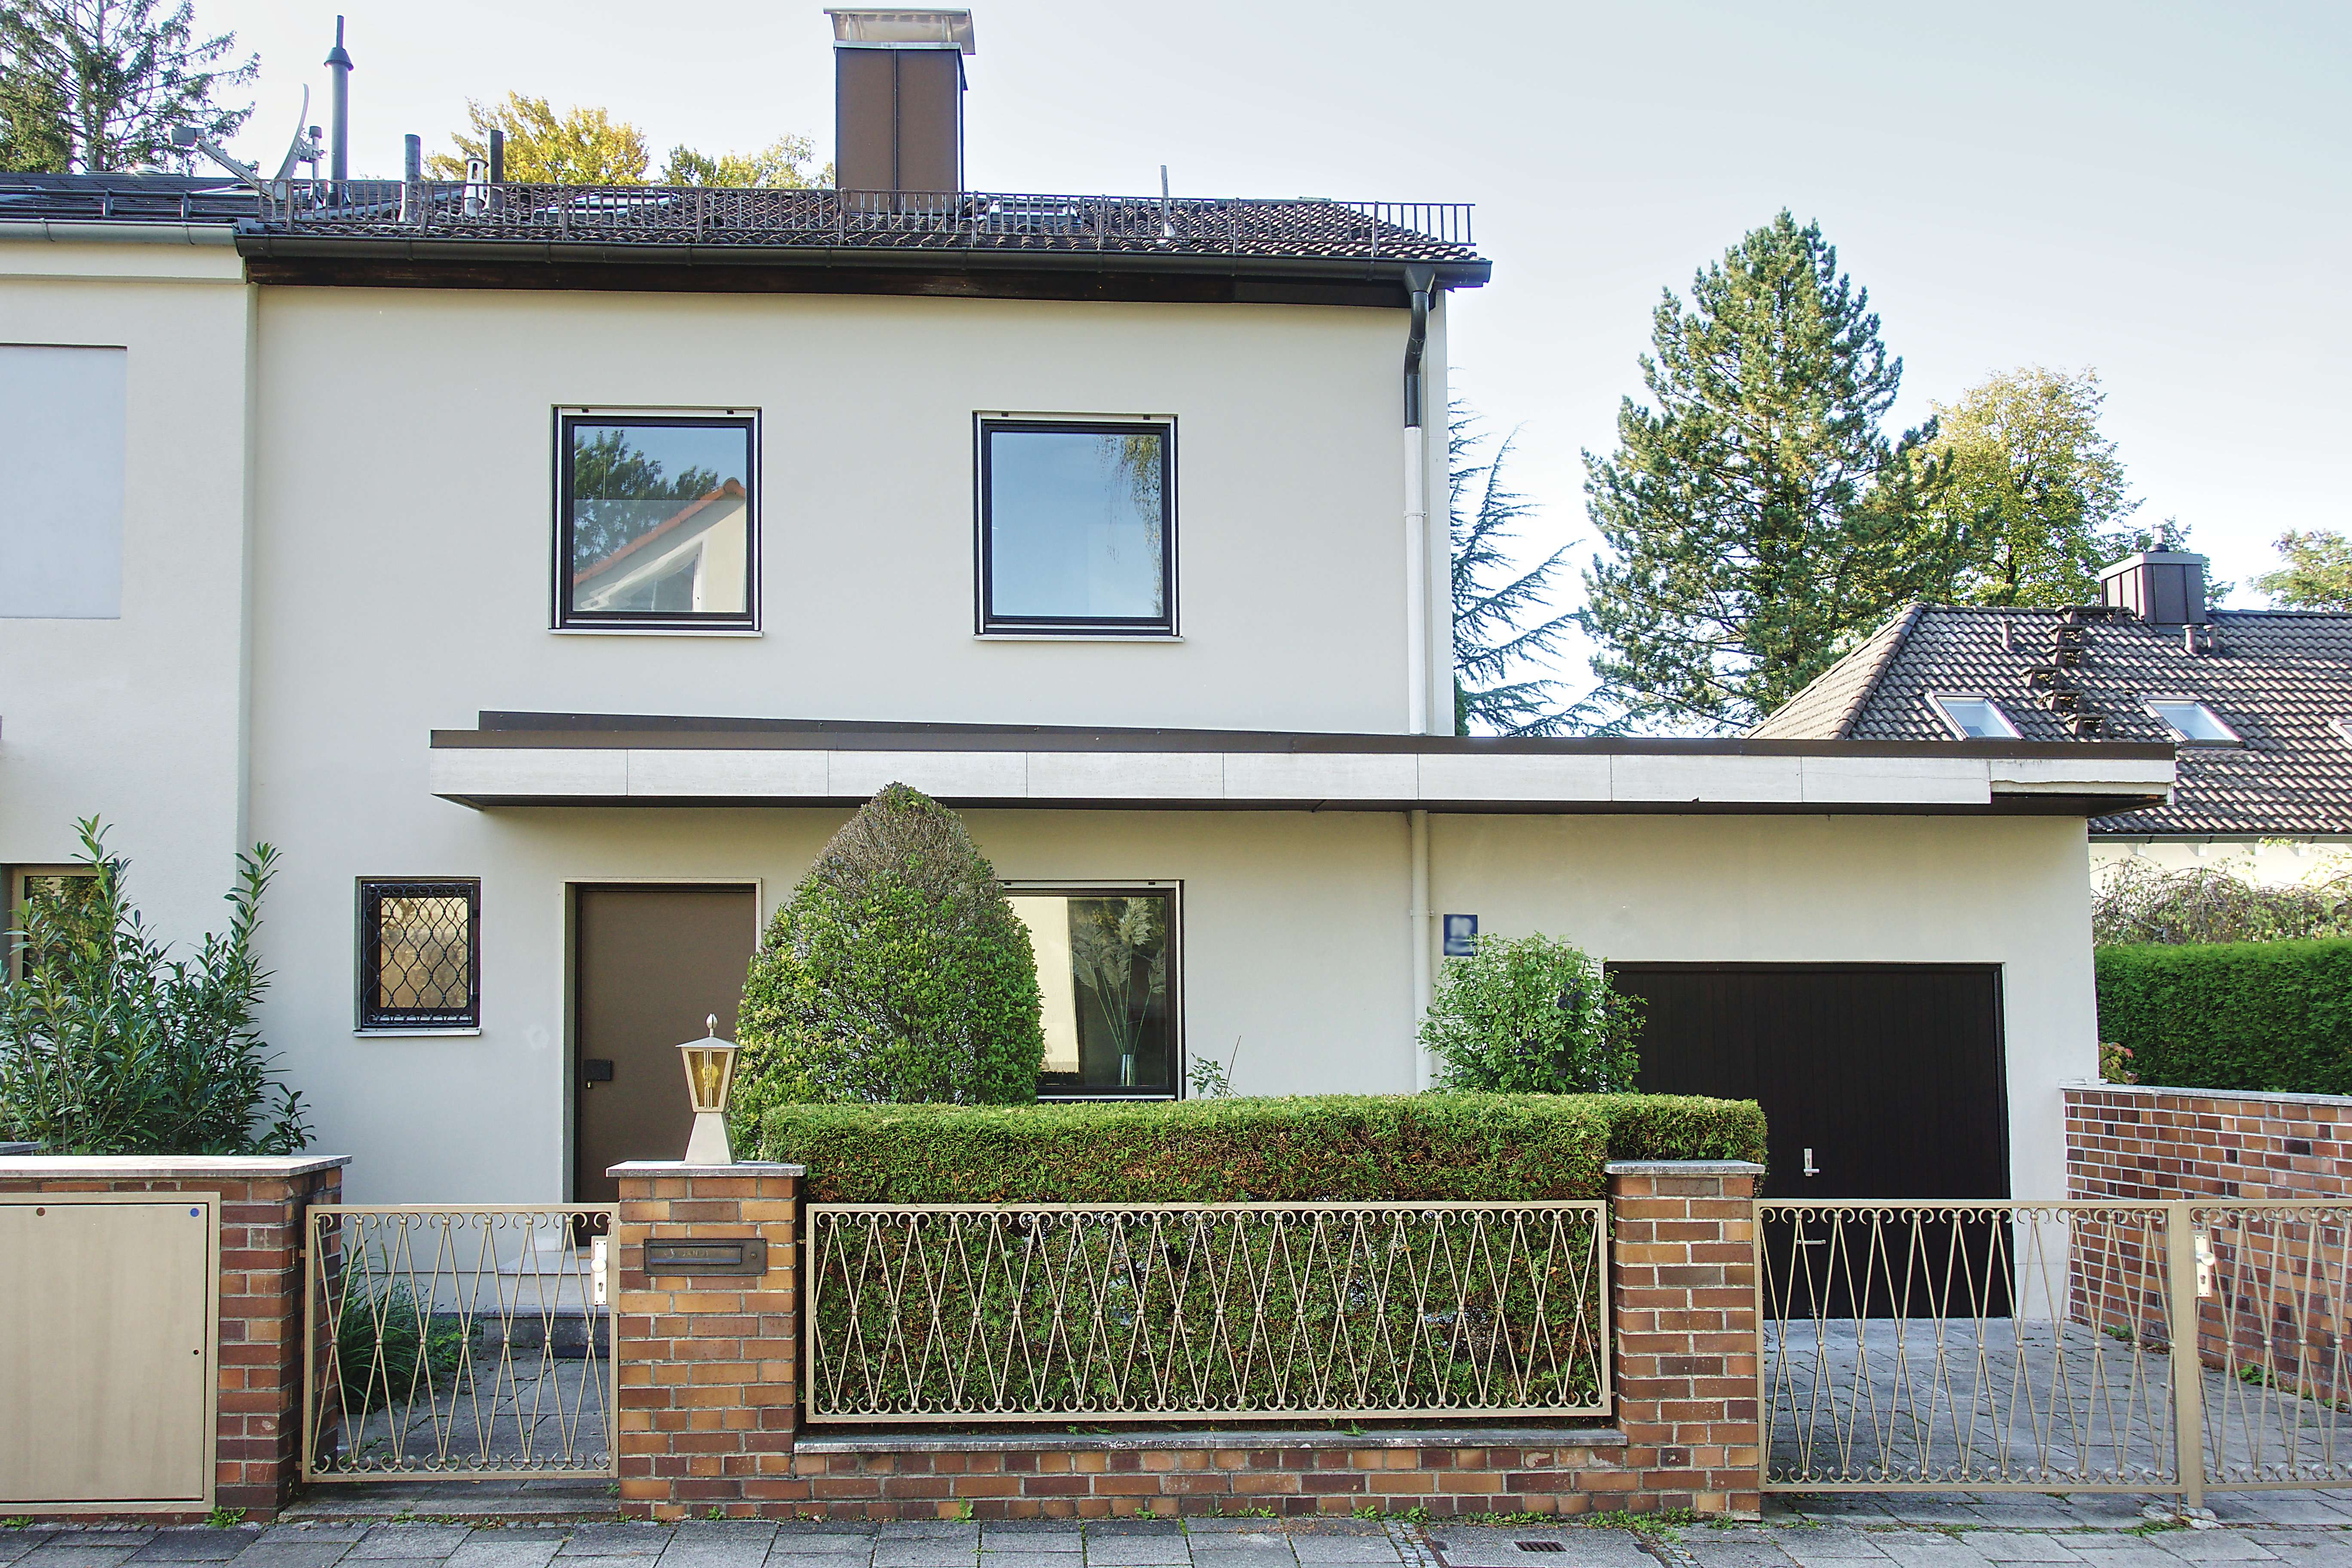 NUR FÜR WOHNGEMEINSCHAFT:  Wohnung/Haus mit vier Schlafzimmern in München, Solln in Solln (München)